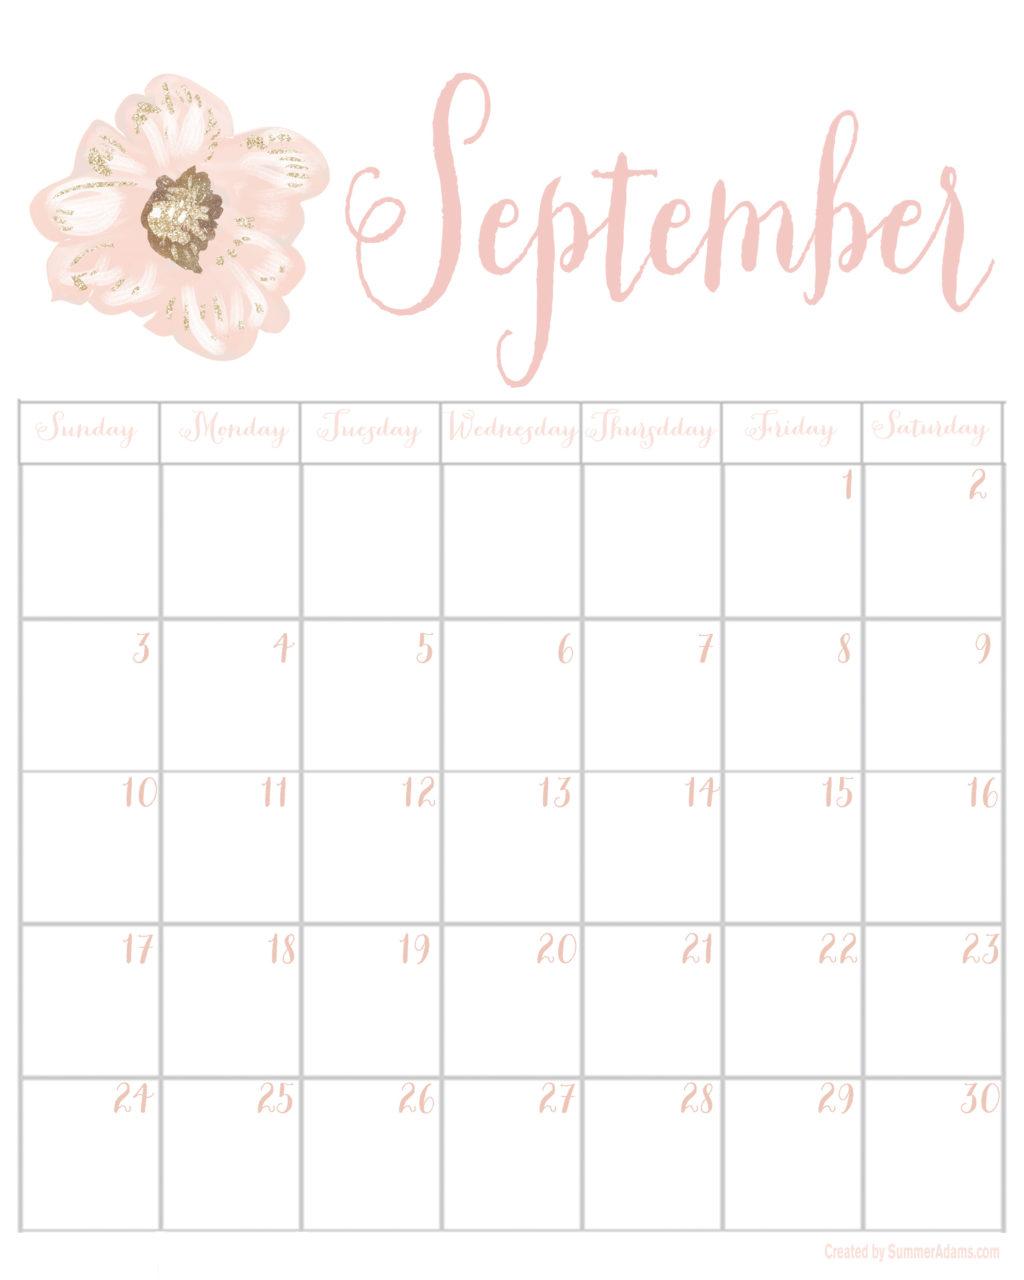 October 2017 Calendar Pinterest